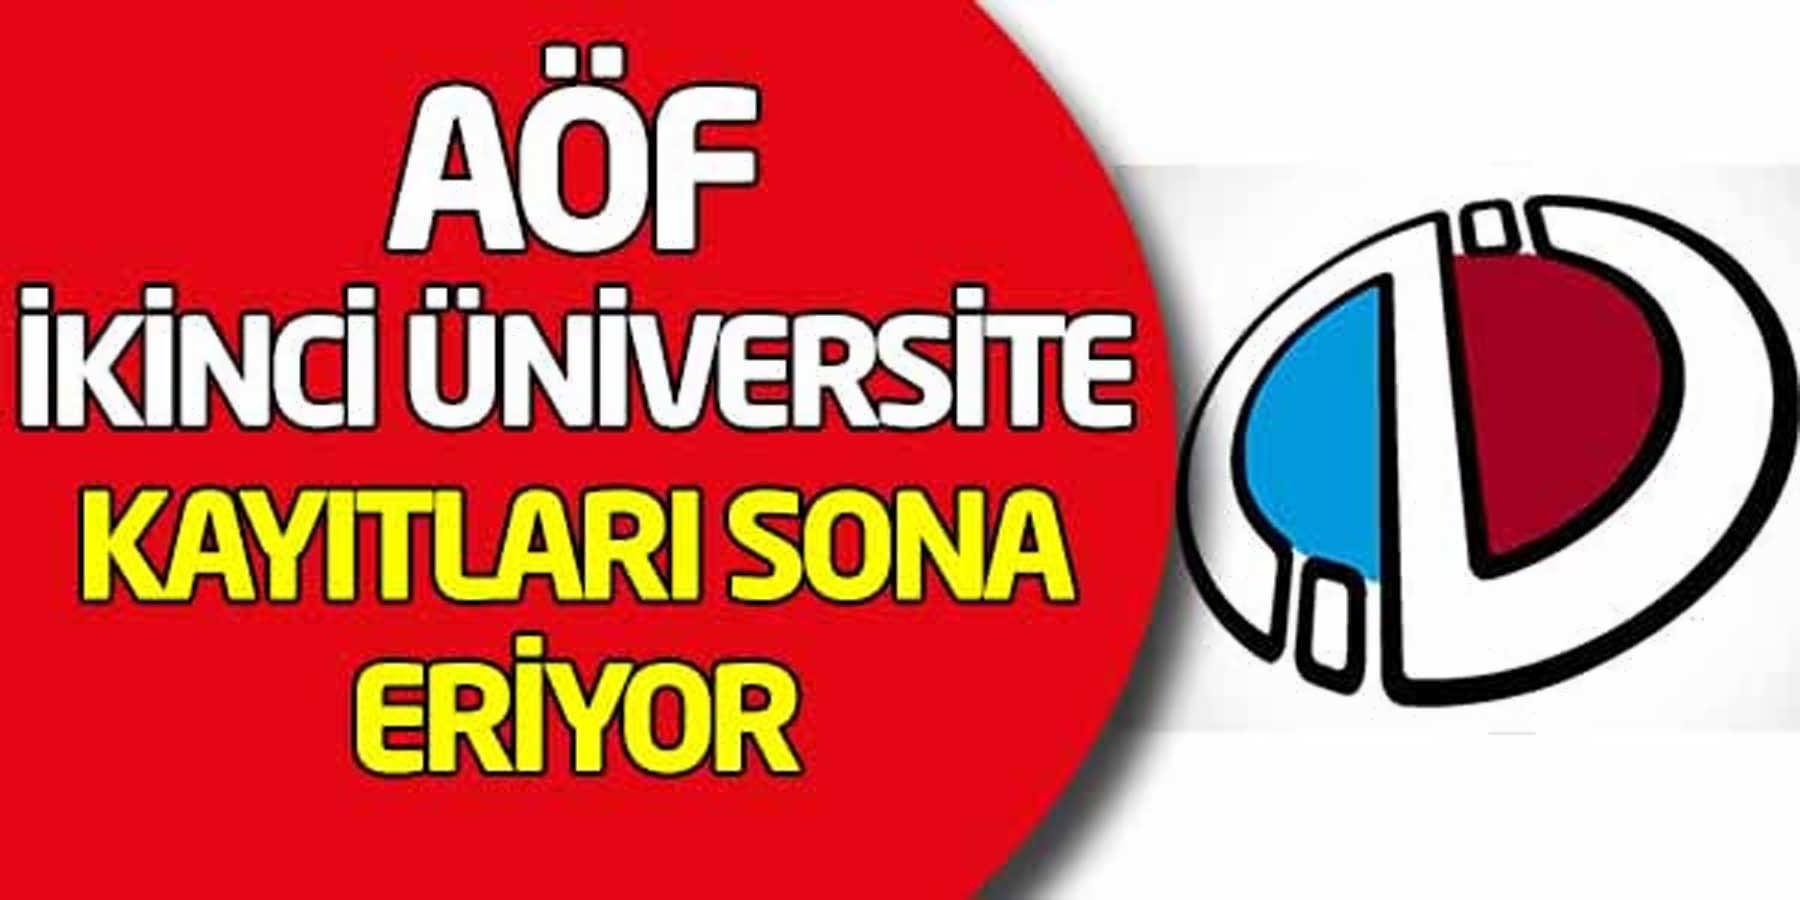 AÖF İkinci Üniversite Kayıtları Sona Eriyor